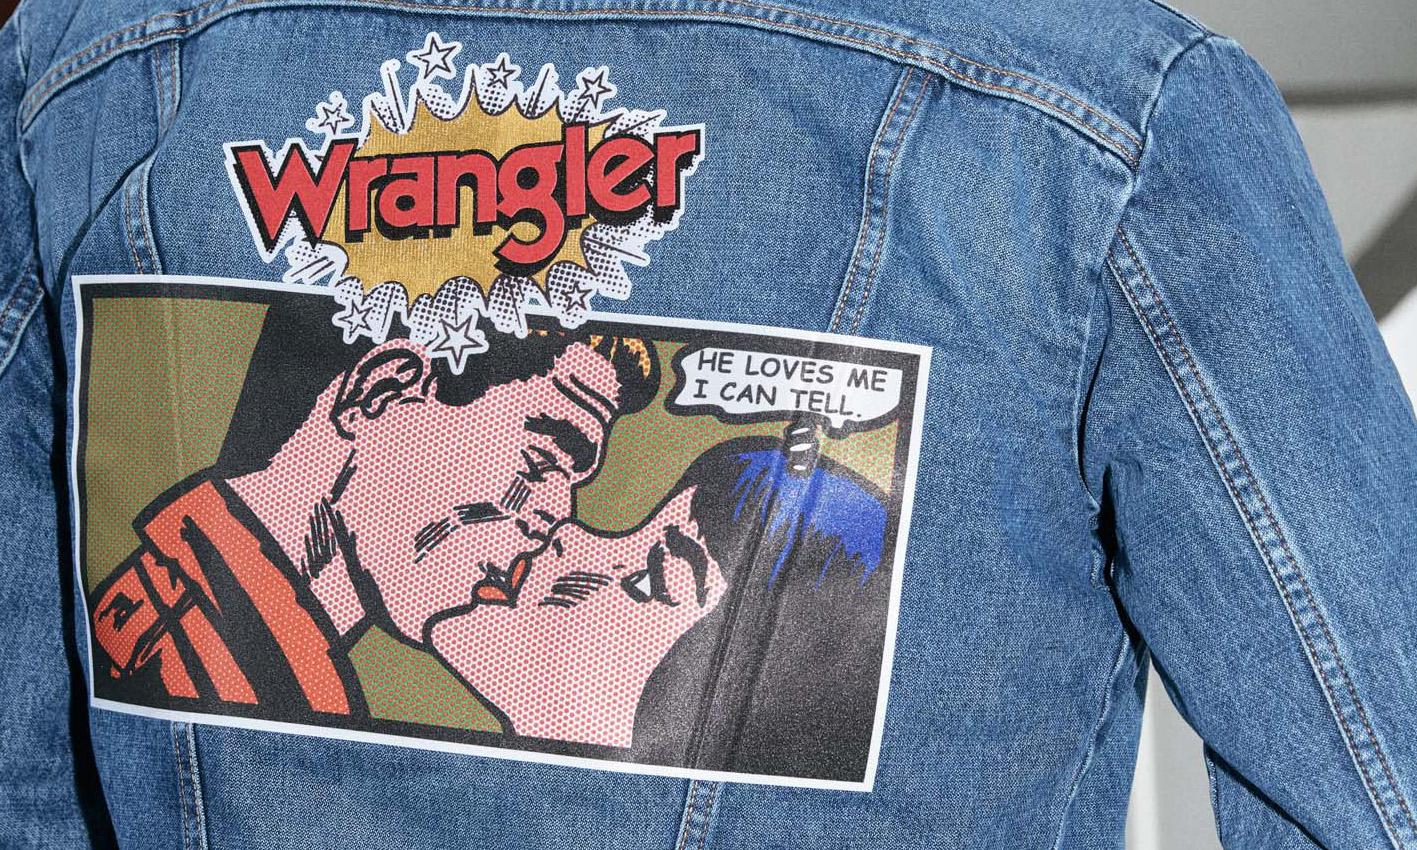 冲入 Wrangler 的「牛仔世界」,探索来自上世纪的冒险精神